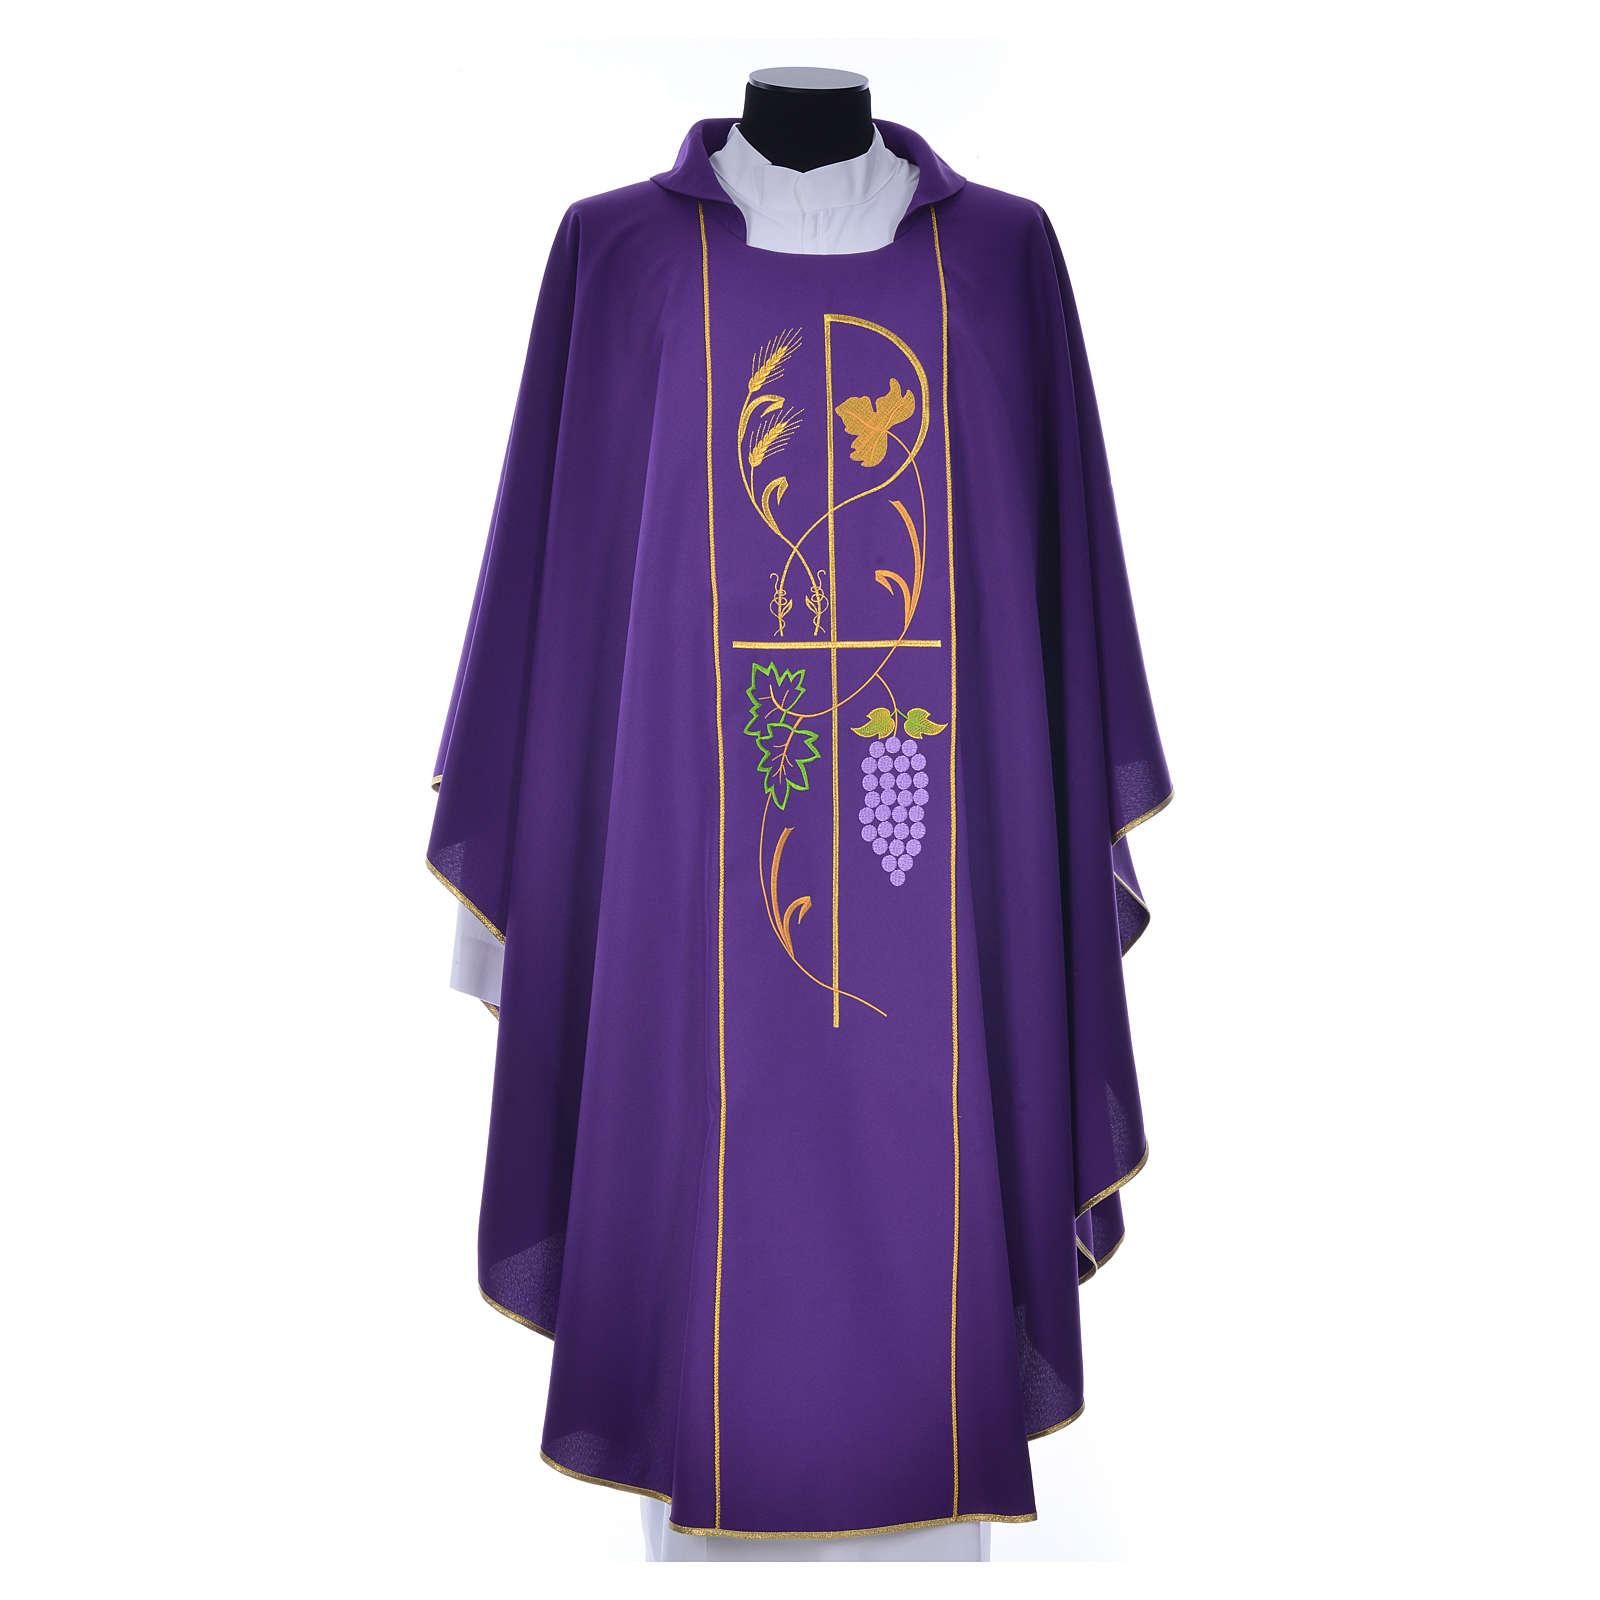 Casula sacerdotale 100% poliestere spighe uva 4